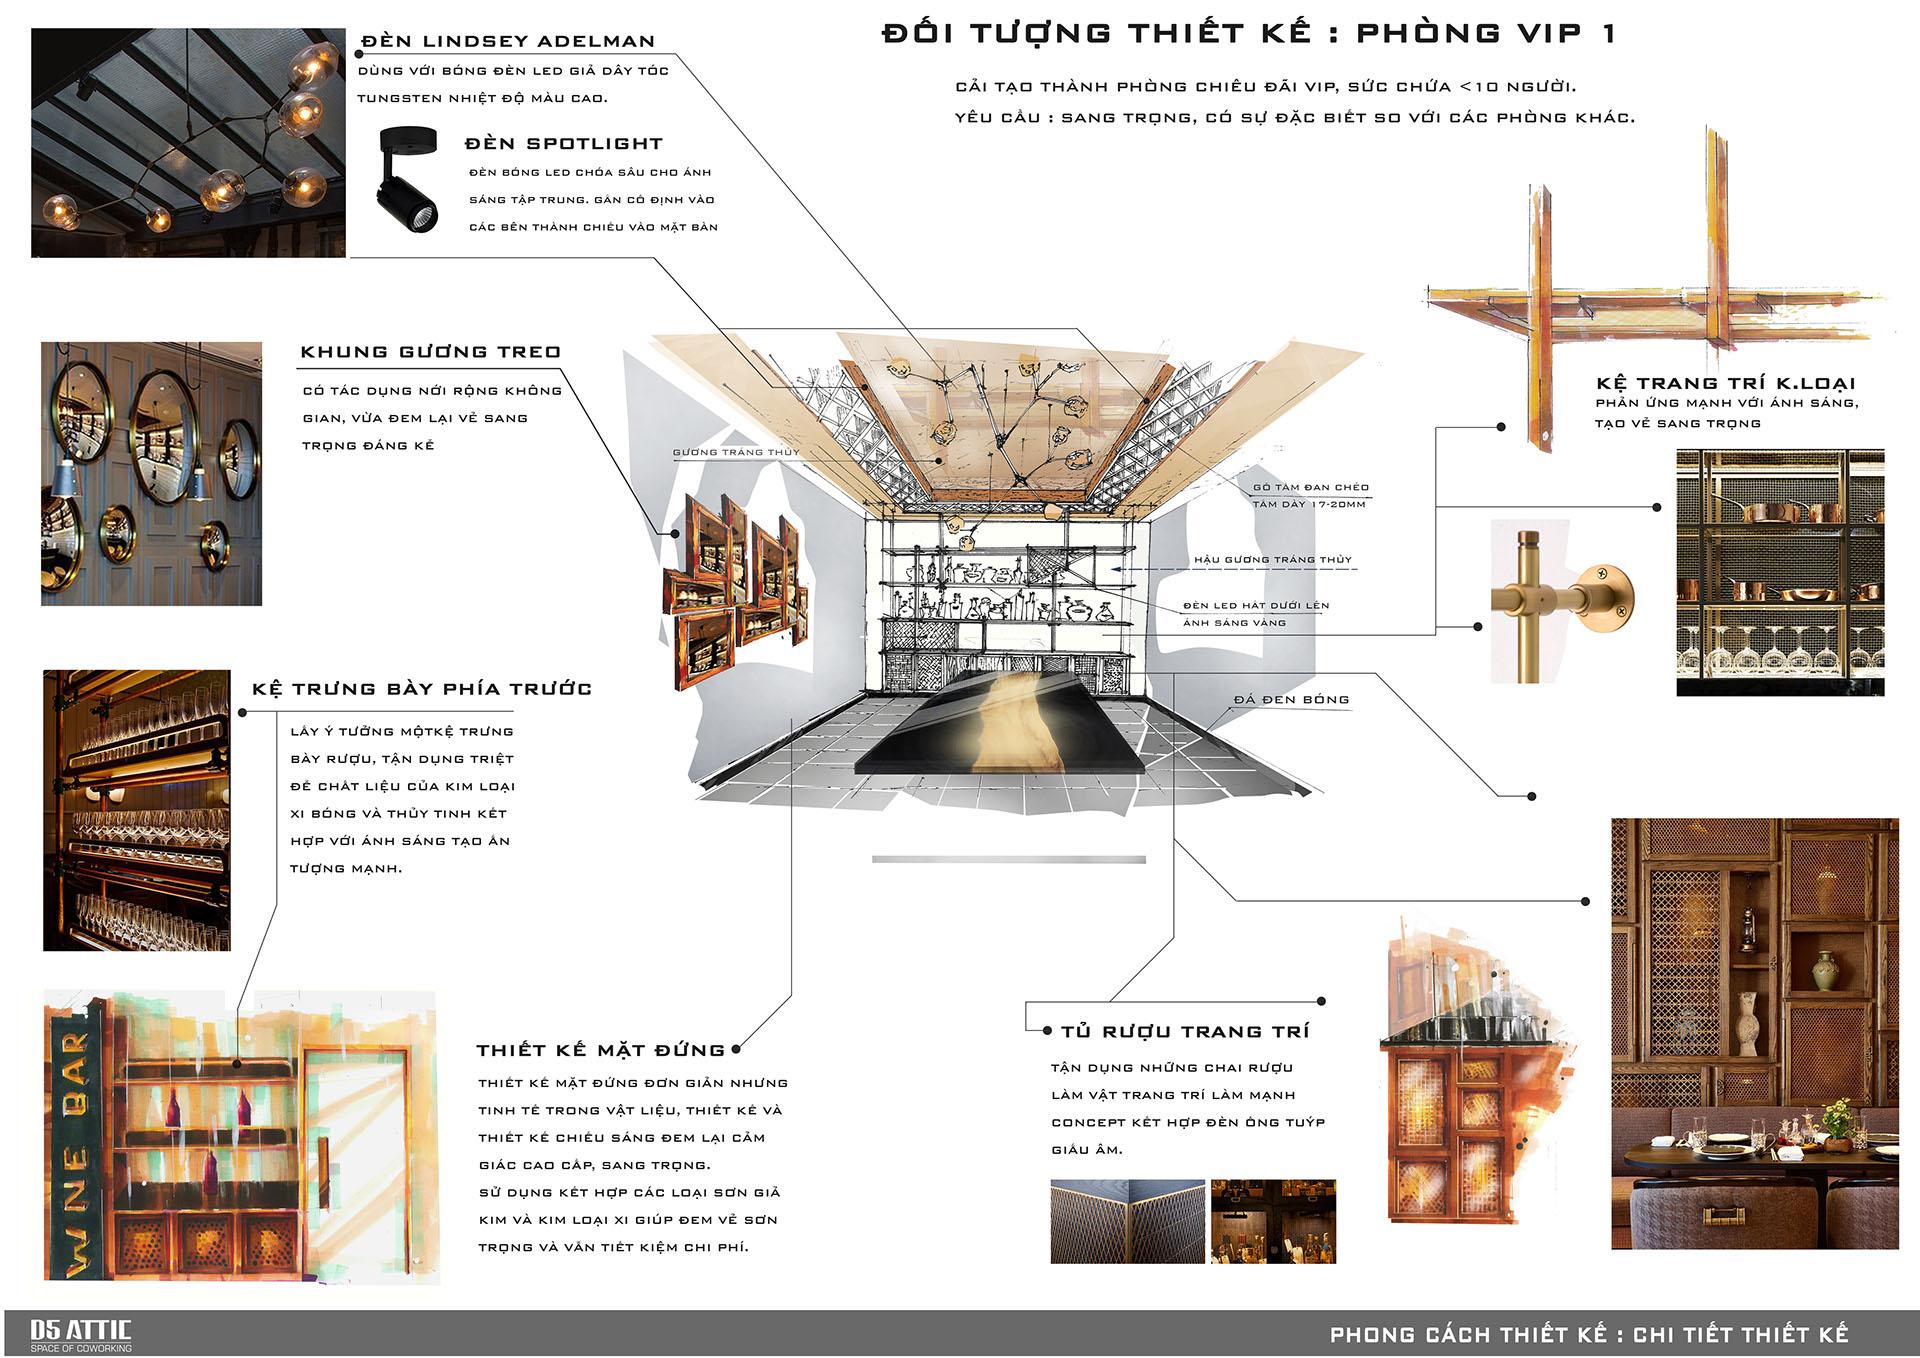 thiết kế nội thất Nhà Hàng tại Hồ Chí Minh Thiết Kế Nhà Hàng Ngọc Sương Bến Thuyền - Phú Nhuận 16 1534748431